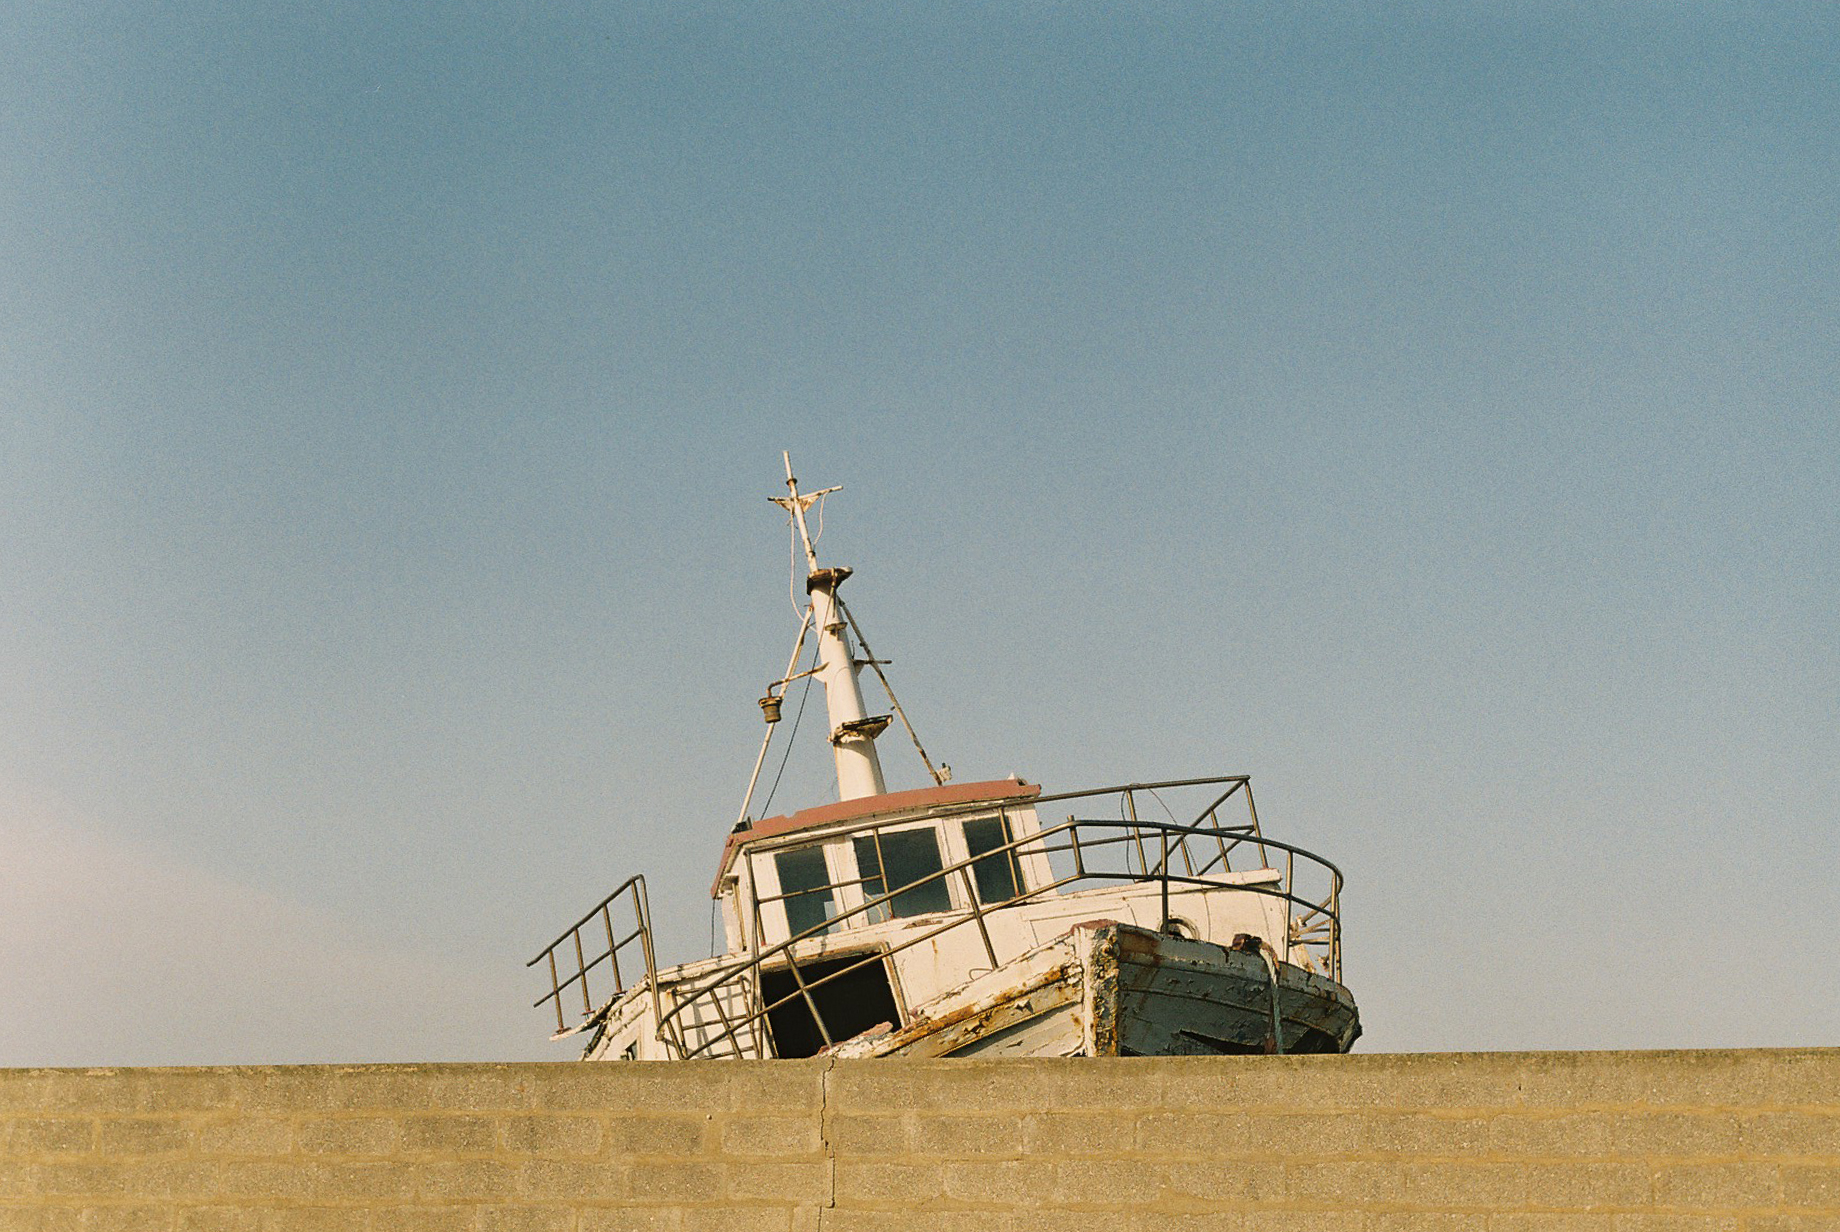 Pensieri sparsi tra Porto Torres e Fiume Santo (Parte II), Questo progetto nasce per raccontare un rapporto personale con luoghi i cui sono cresciuto, tra immutabilità e costante trasformazione.